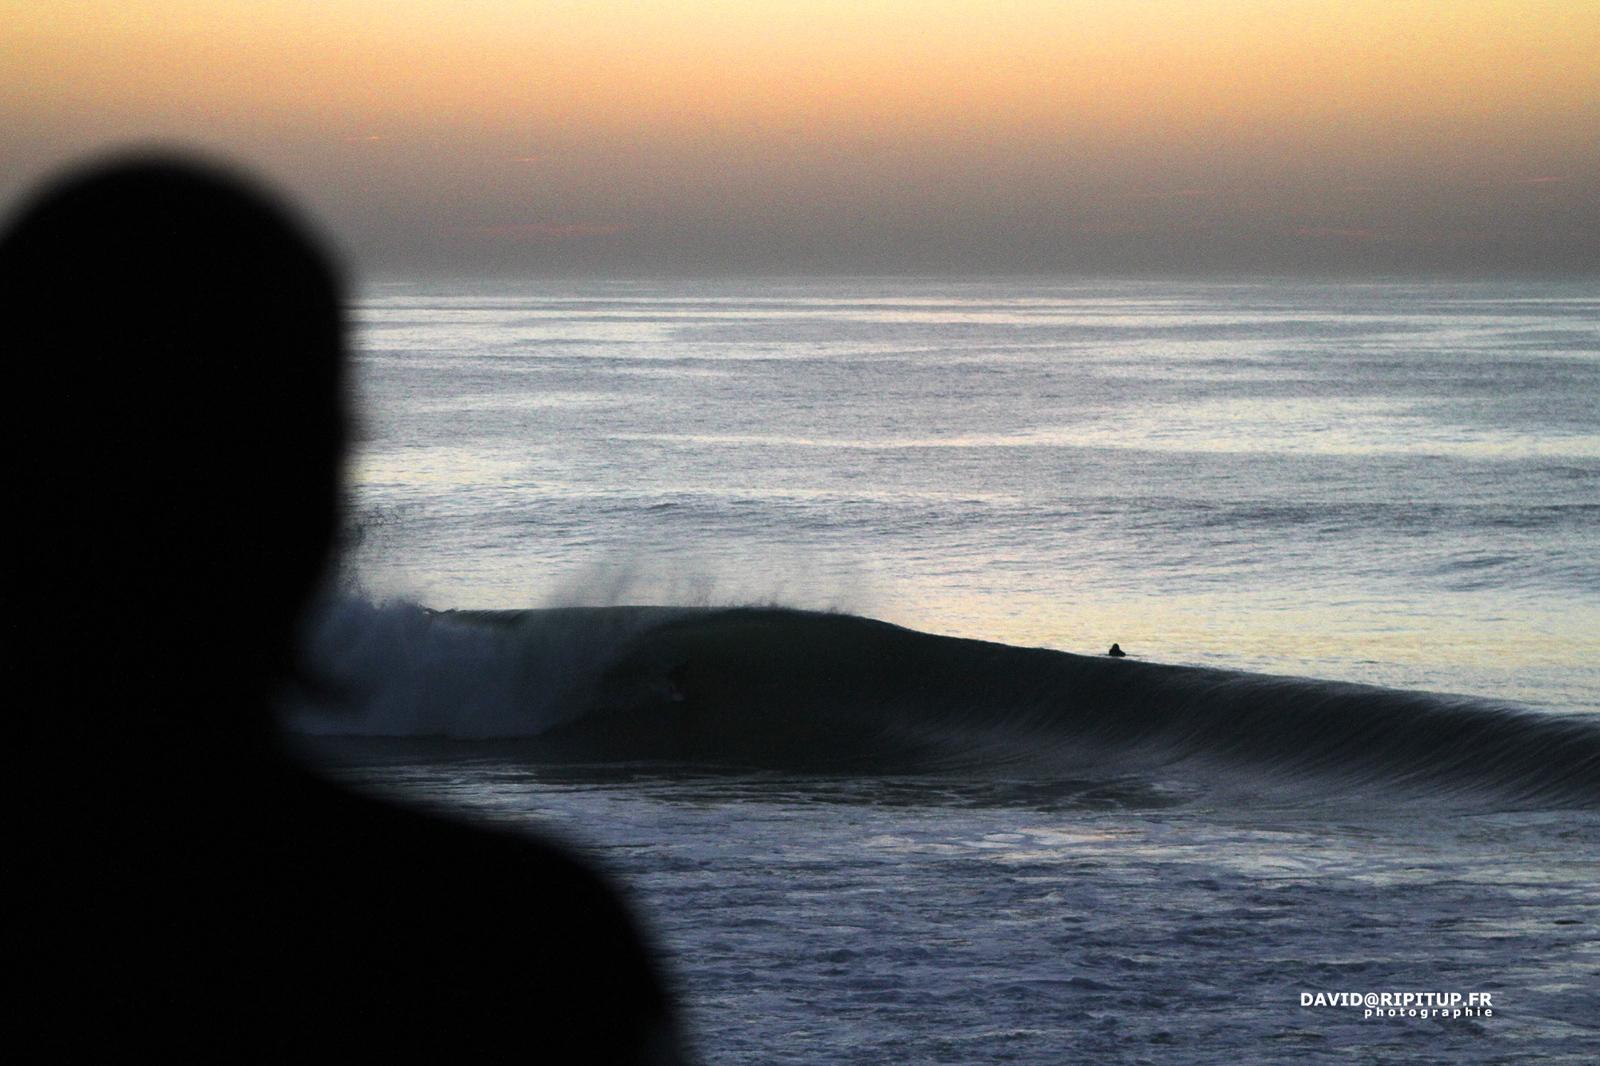 Marée haute, soleil couché, et pourtant, on a envie de rester. Photographe : David Ripitup